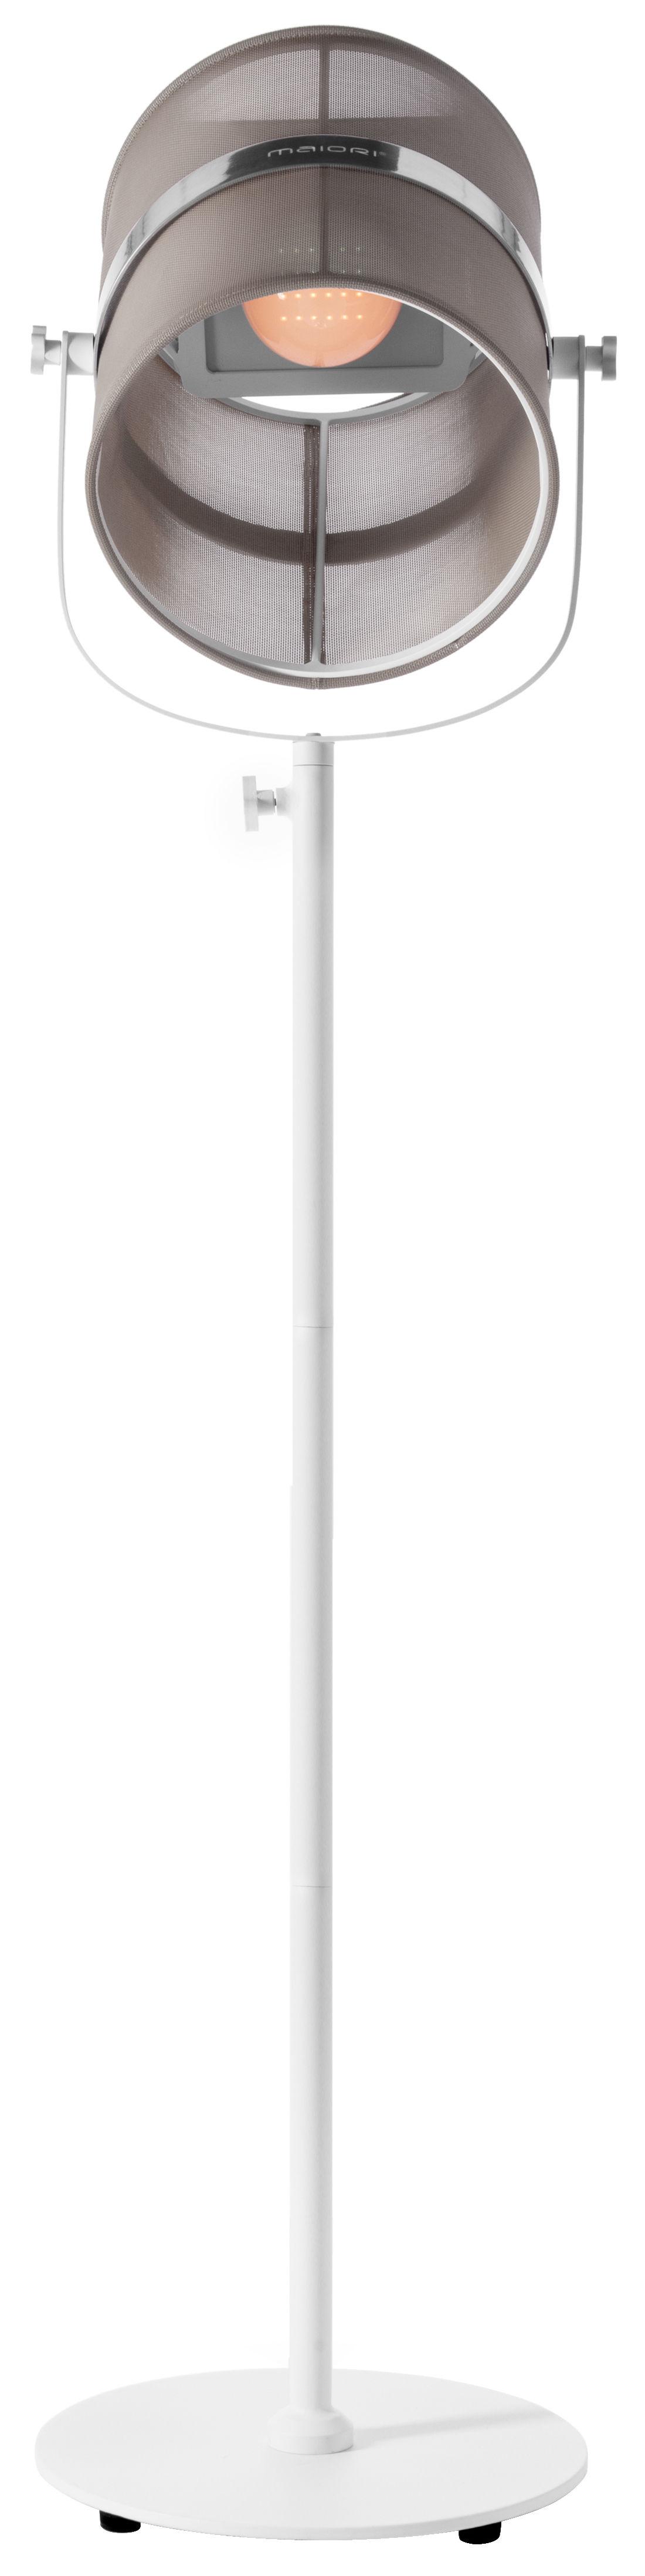 Illuminazione - Lampade da terra - Lampada da terra solare La Lampe Paris LED - / Solare - Senza fili - Maiori - Taupe chiaro / Piede bianco - alluminio verniciato, Tessuto